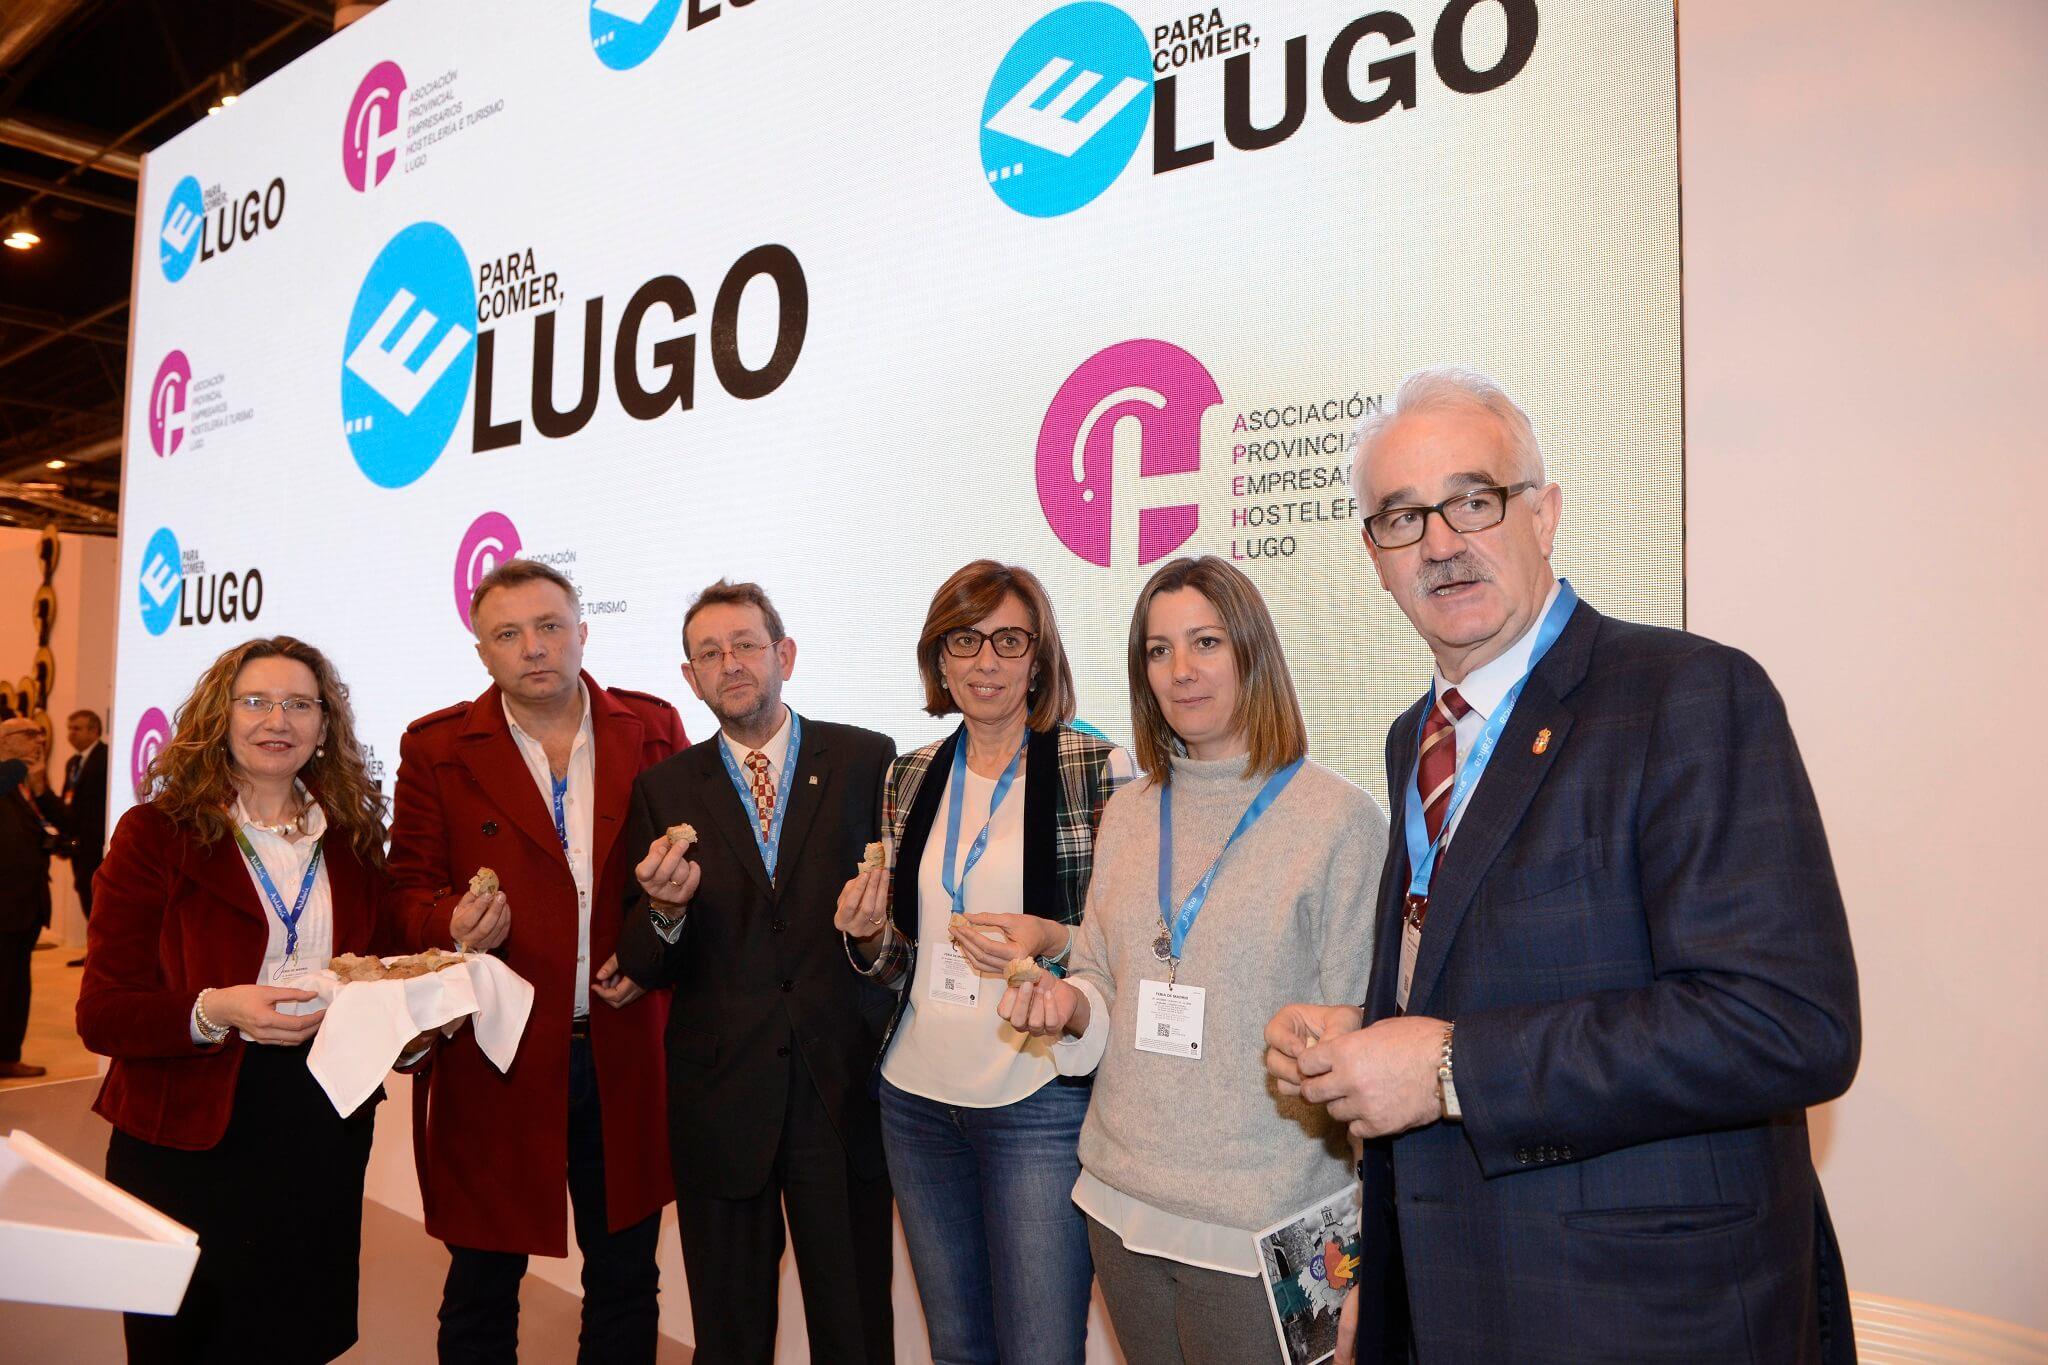 Fitur acolleu a presentación da nova edición da guía E para comer... Lugo, ferramenta de promoción turística e gastronómica da provincia